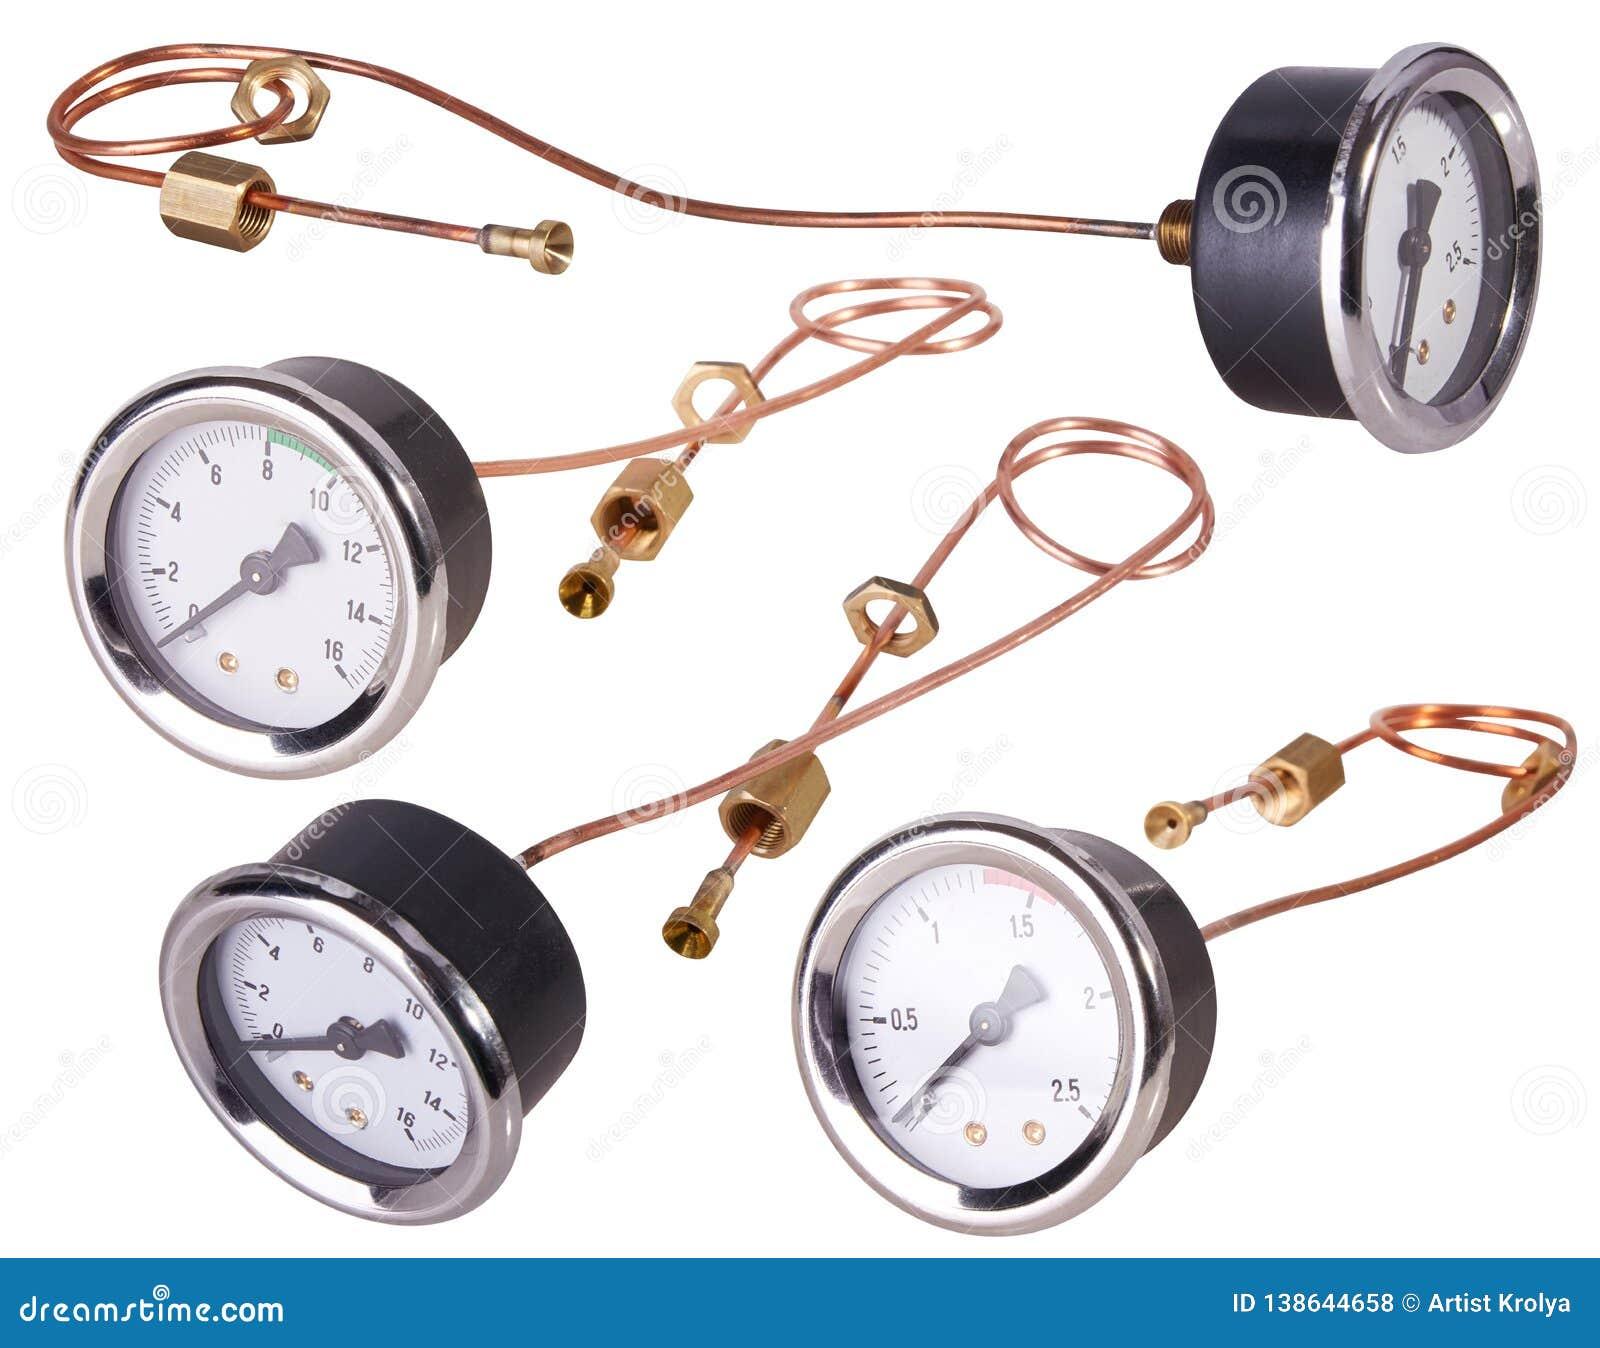 Ciśnieniowy wymiernik Prętowy ciśnieniowy pomiarowy zestaw